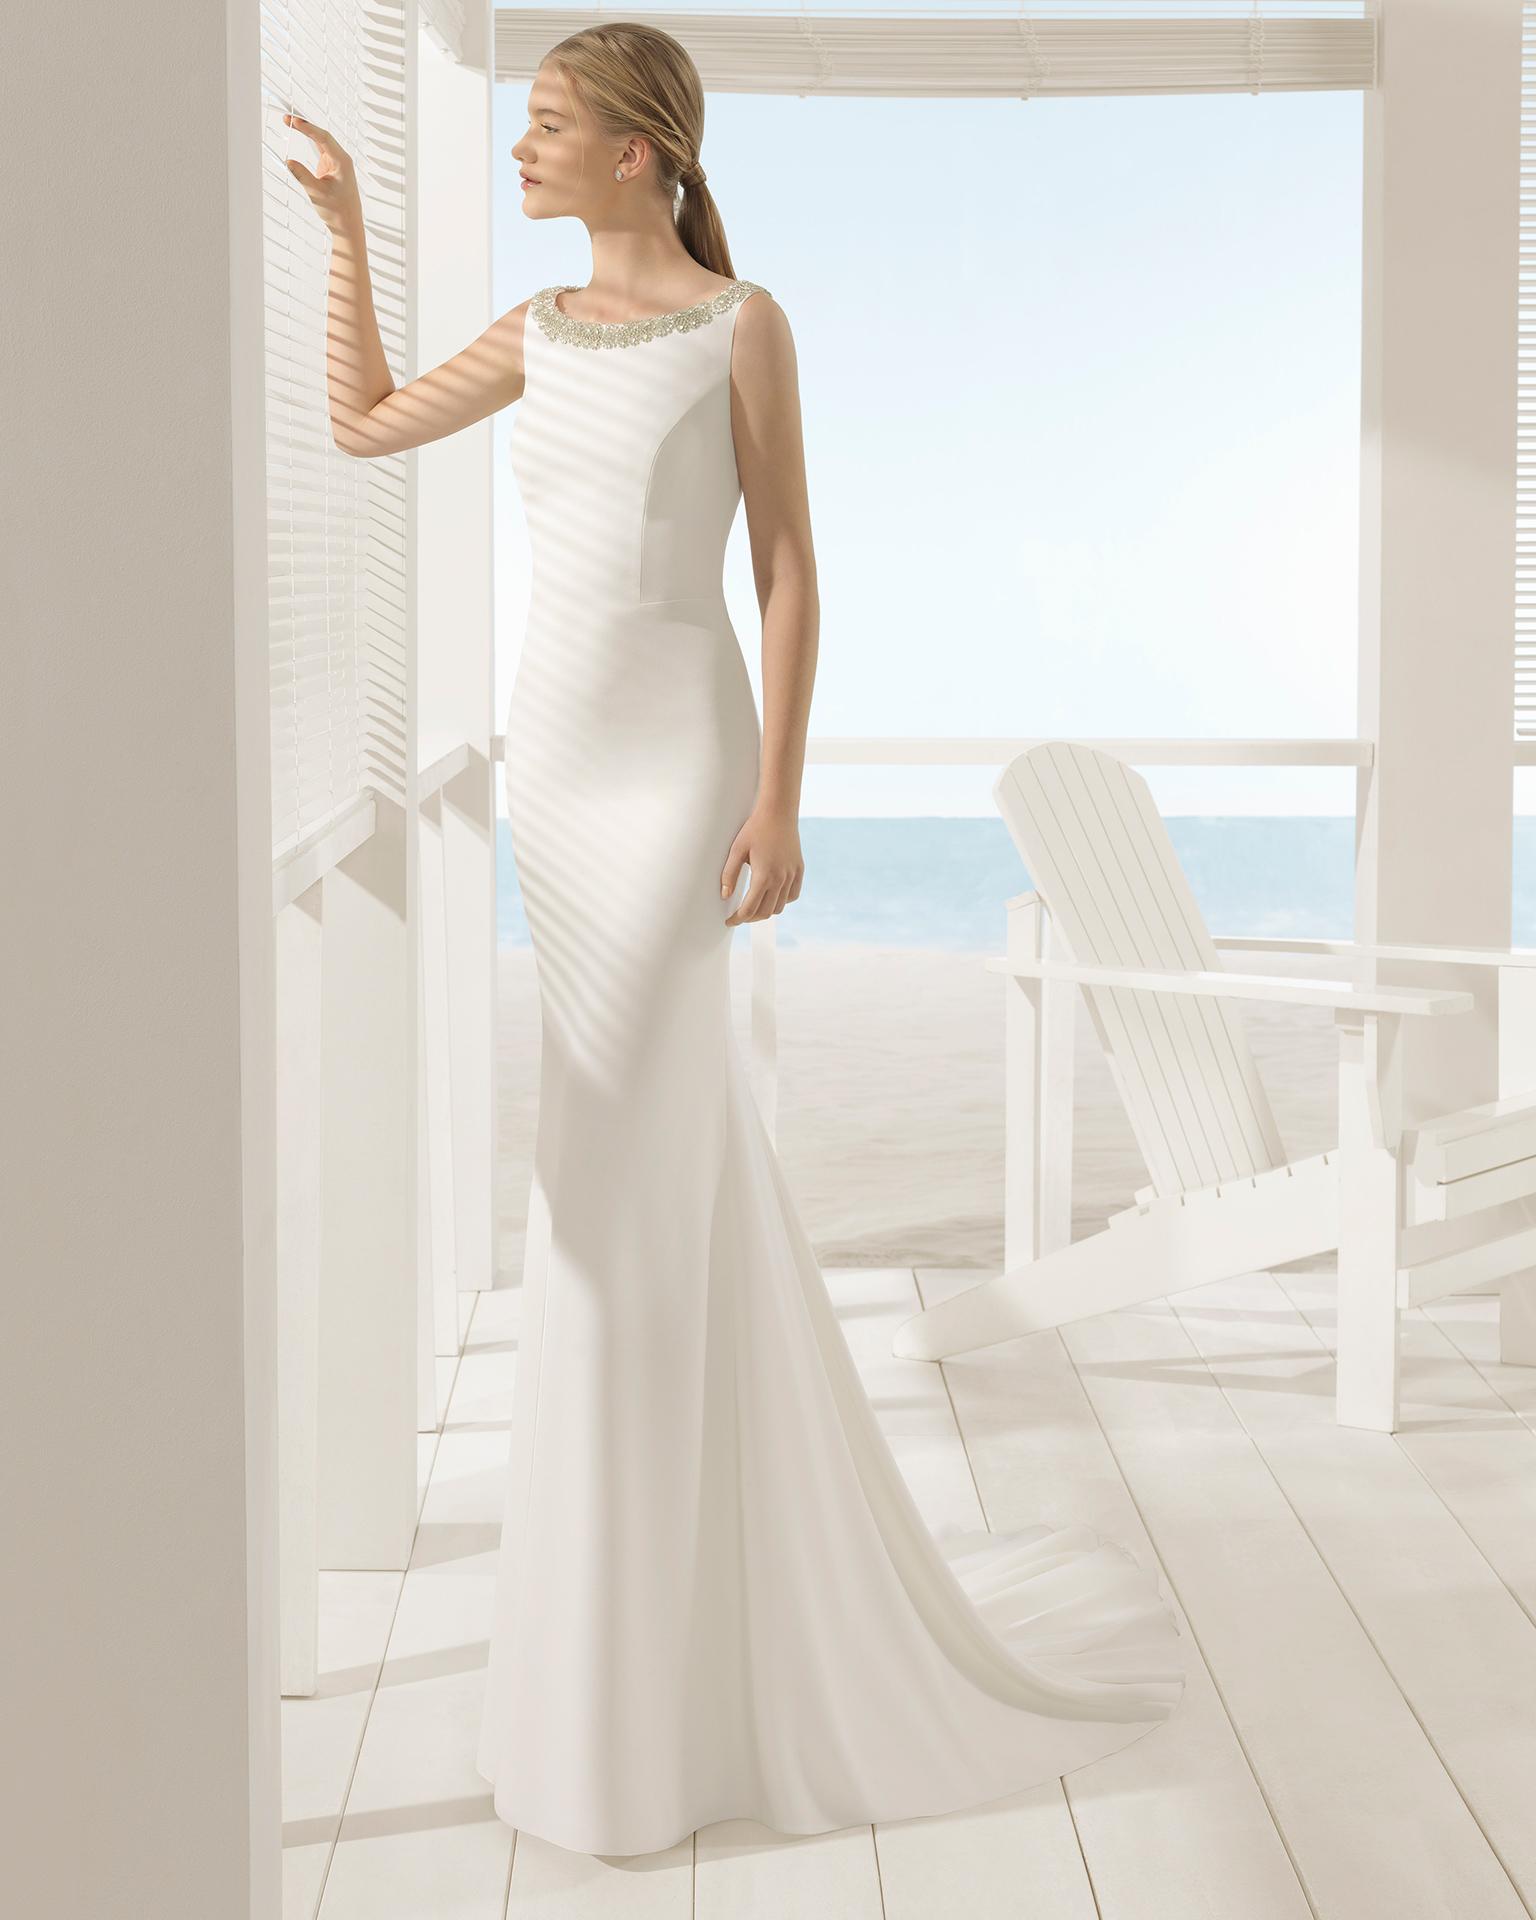 Rochie de mireasă în stil sirenă din crep cu spatele cu efect de bijuterie.